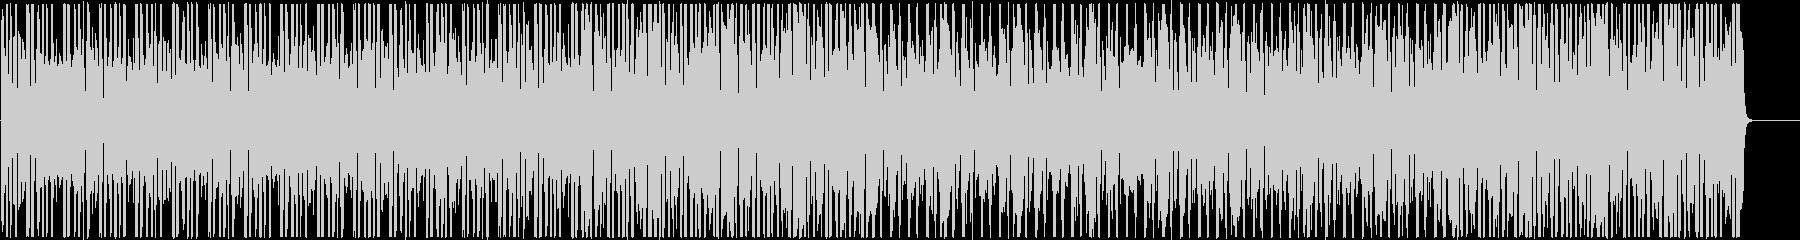 コミカルで日常的なローファイヒップホップの未再生の波形